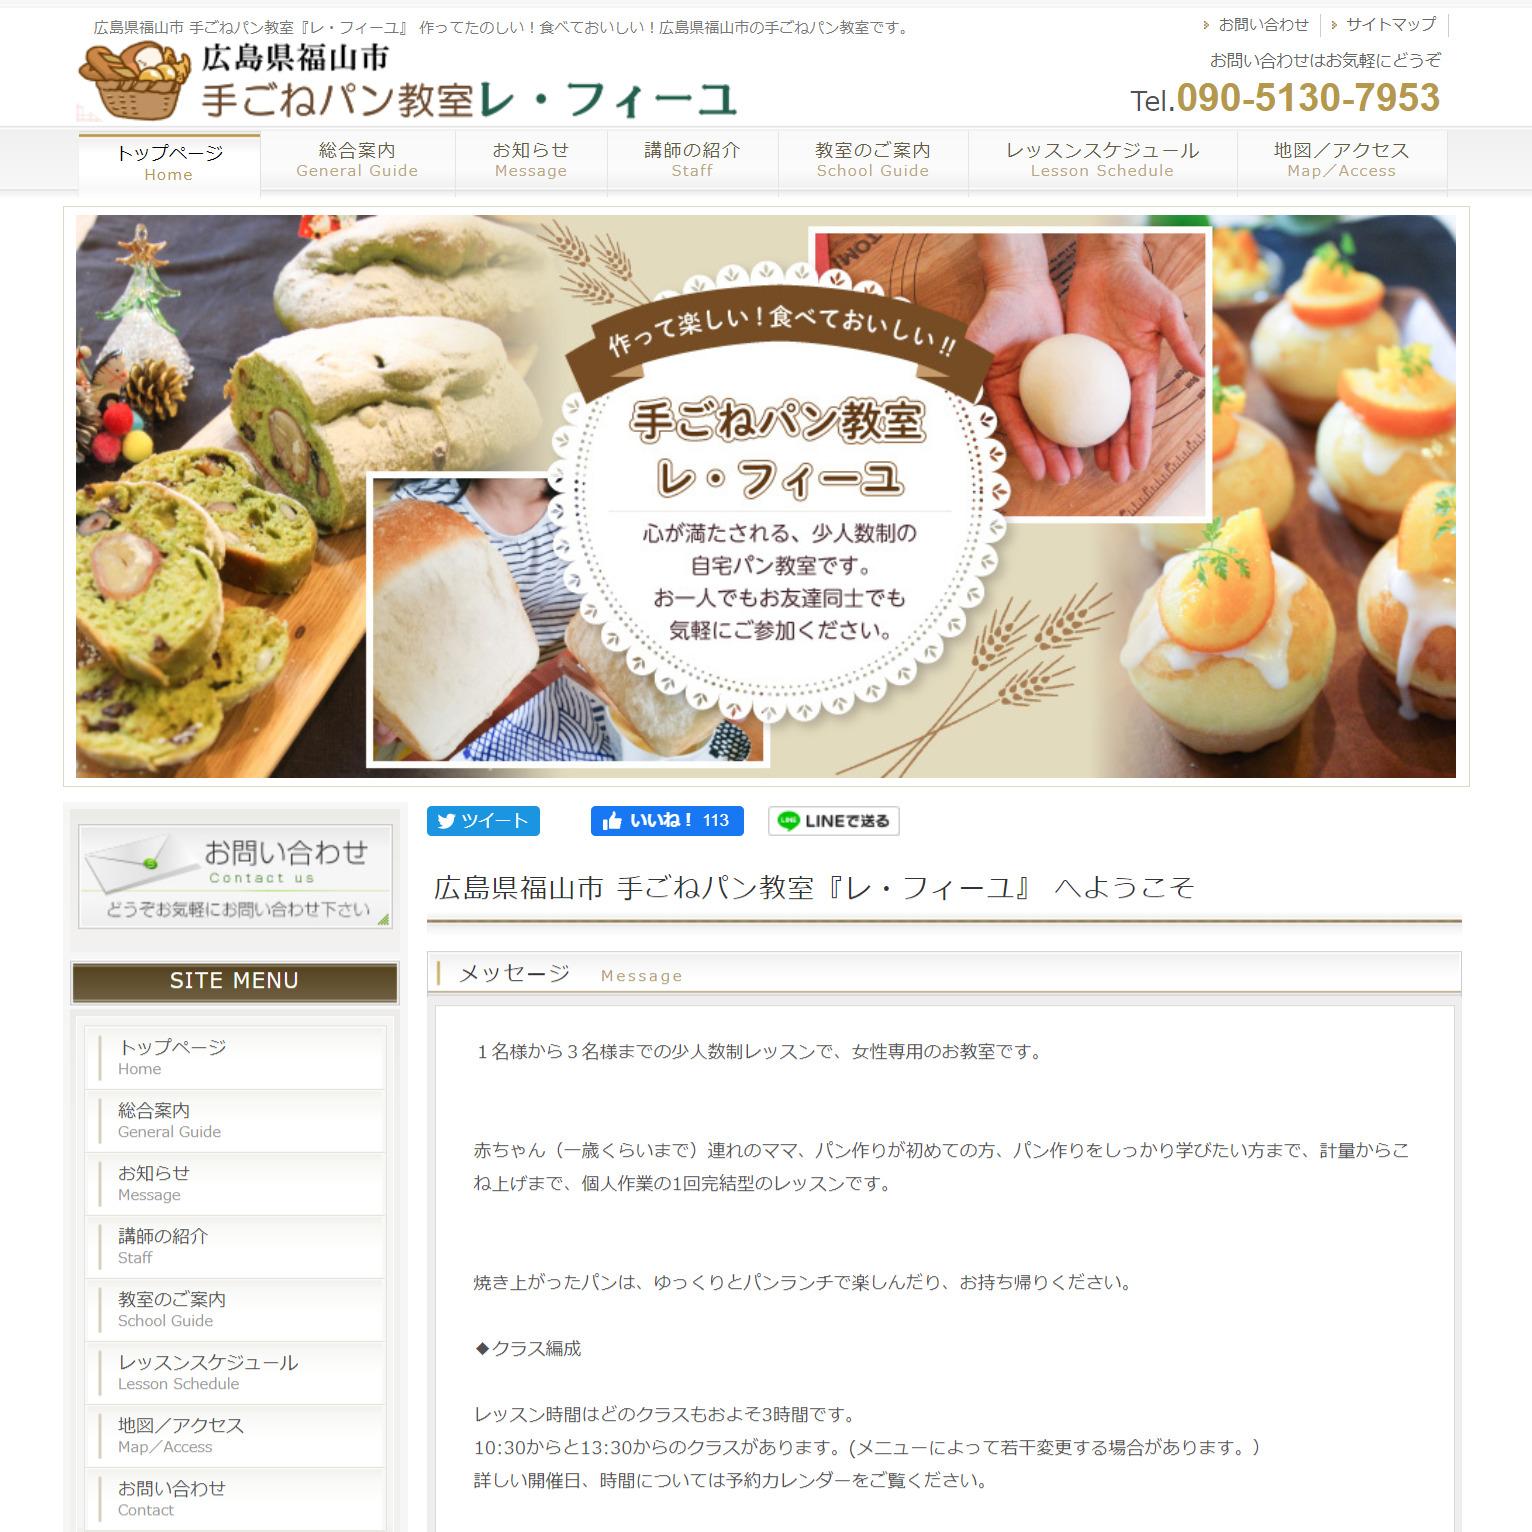 広島県福山市 手ごねパン教室『レ・フィーユ』